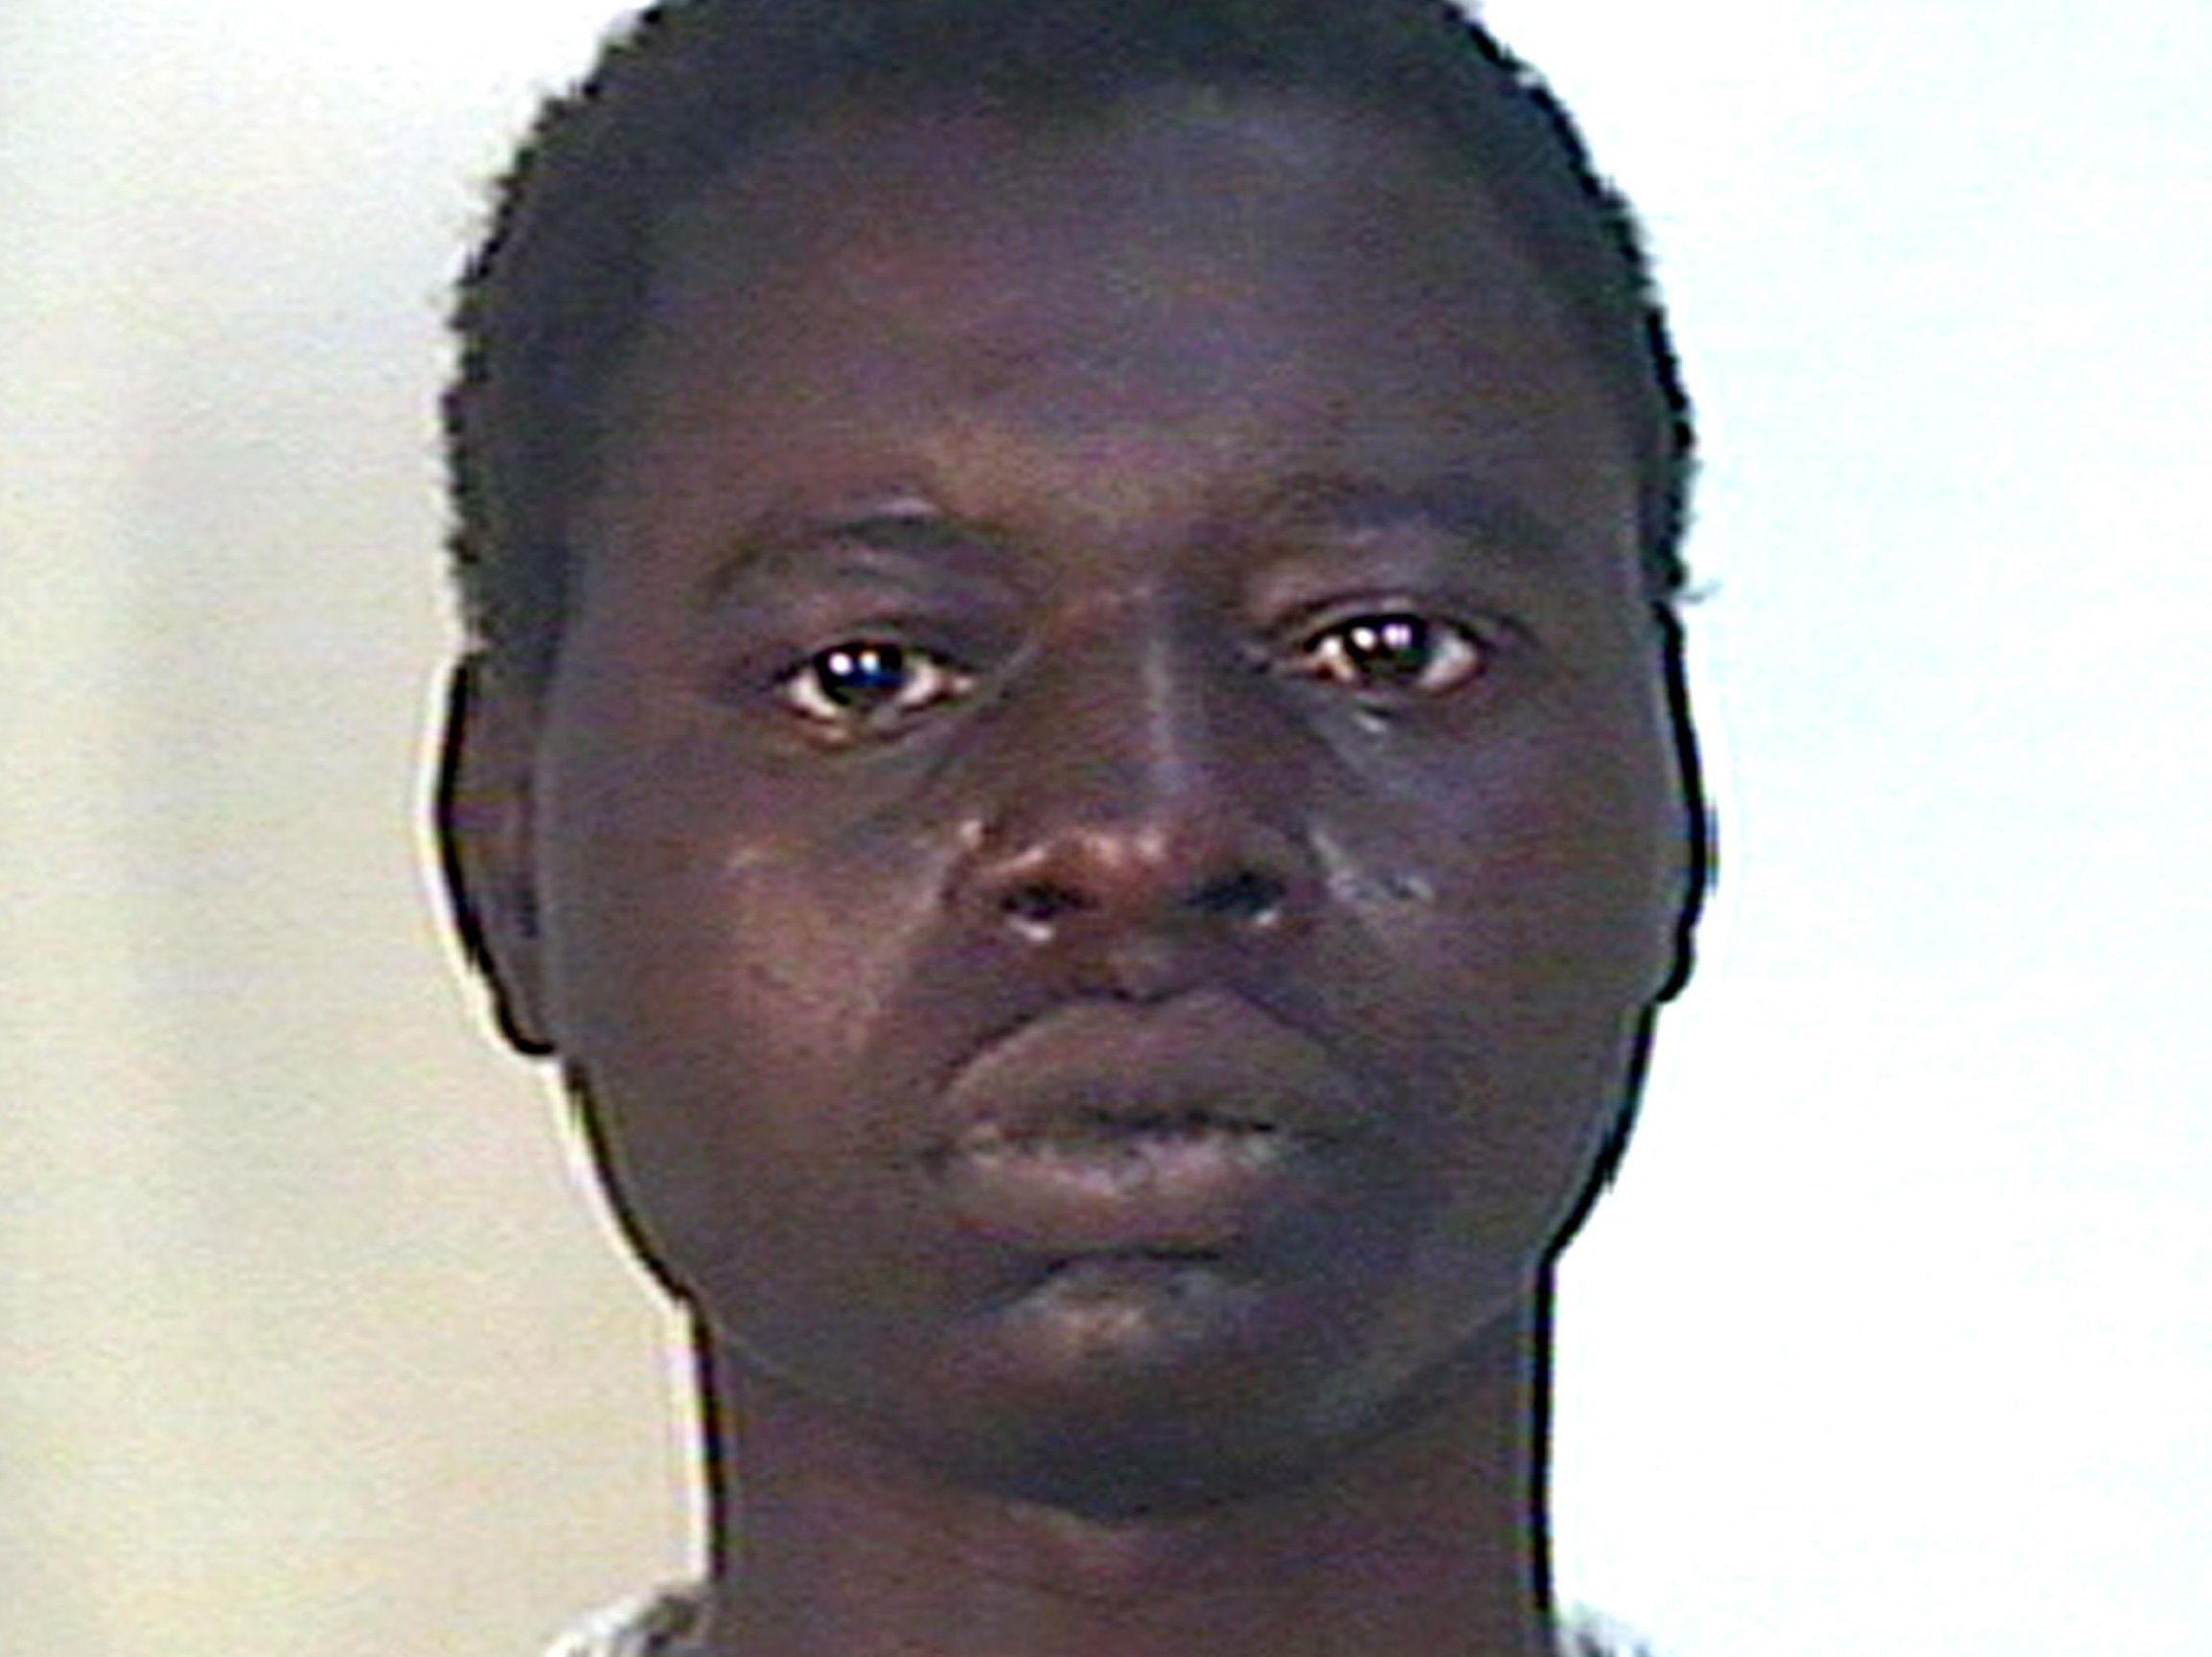 Nuova vita per Kabobo, il killer col piccone: studia e lavora in carcere